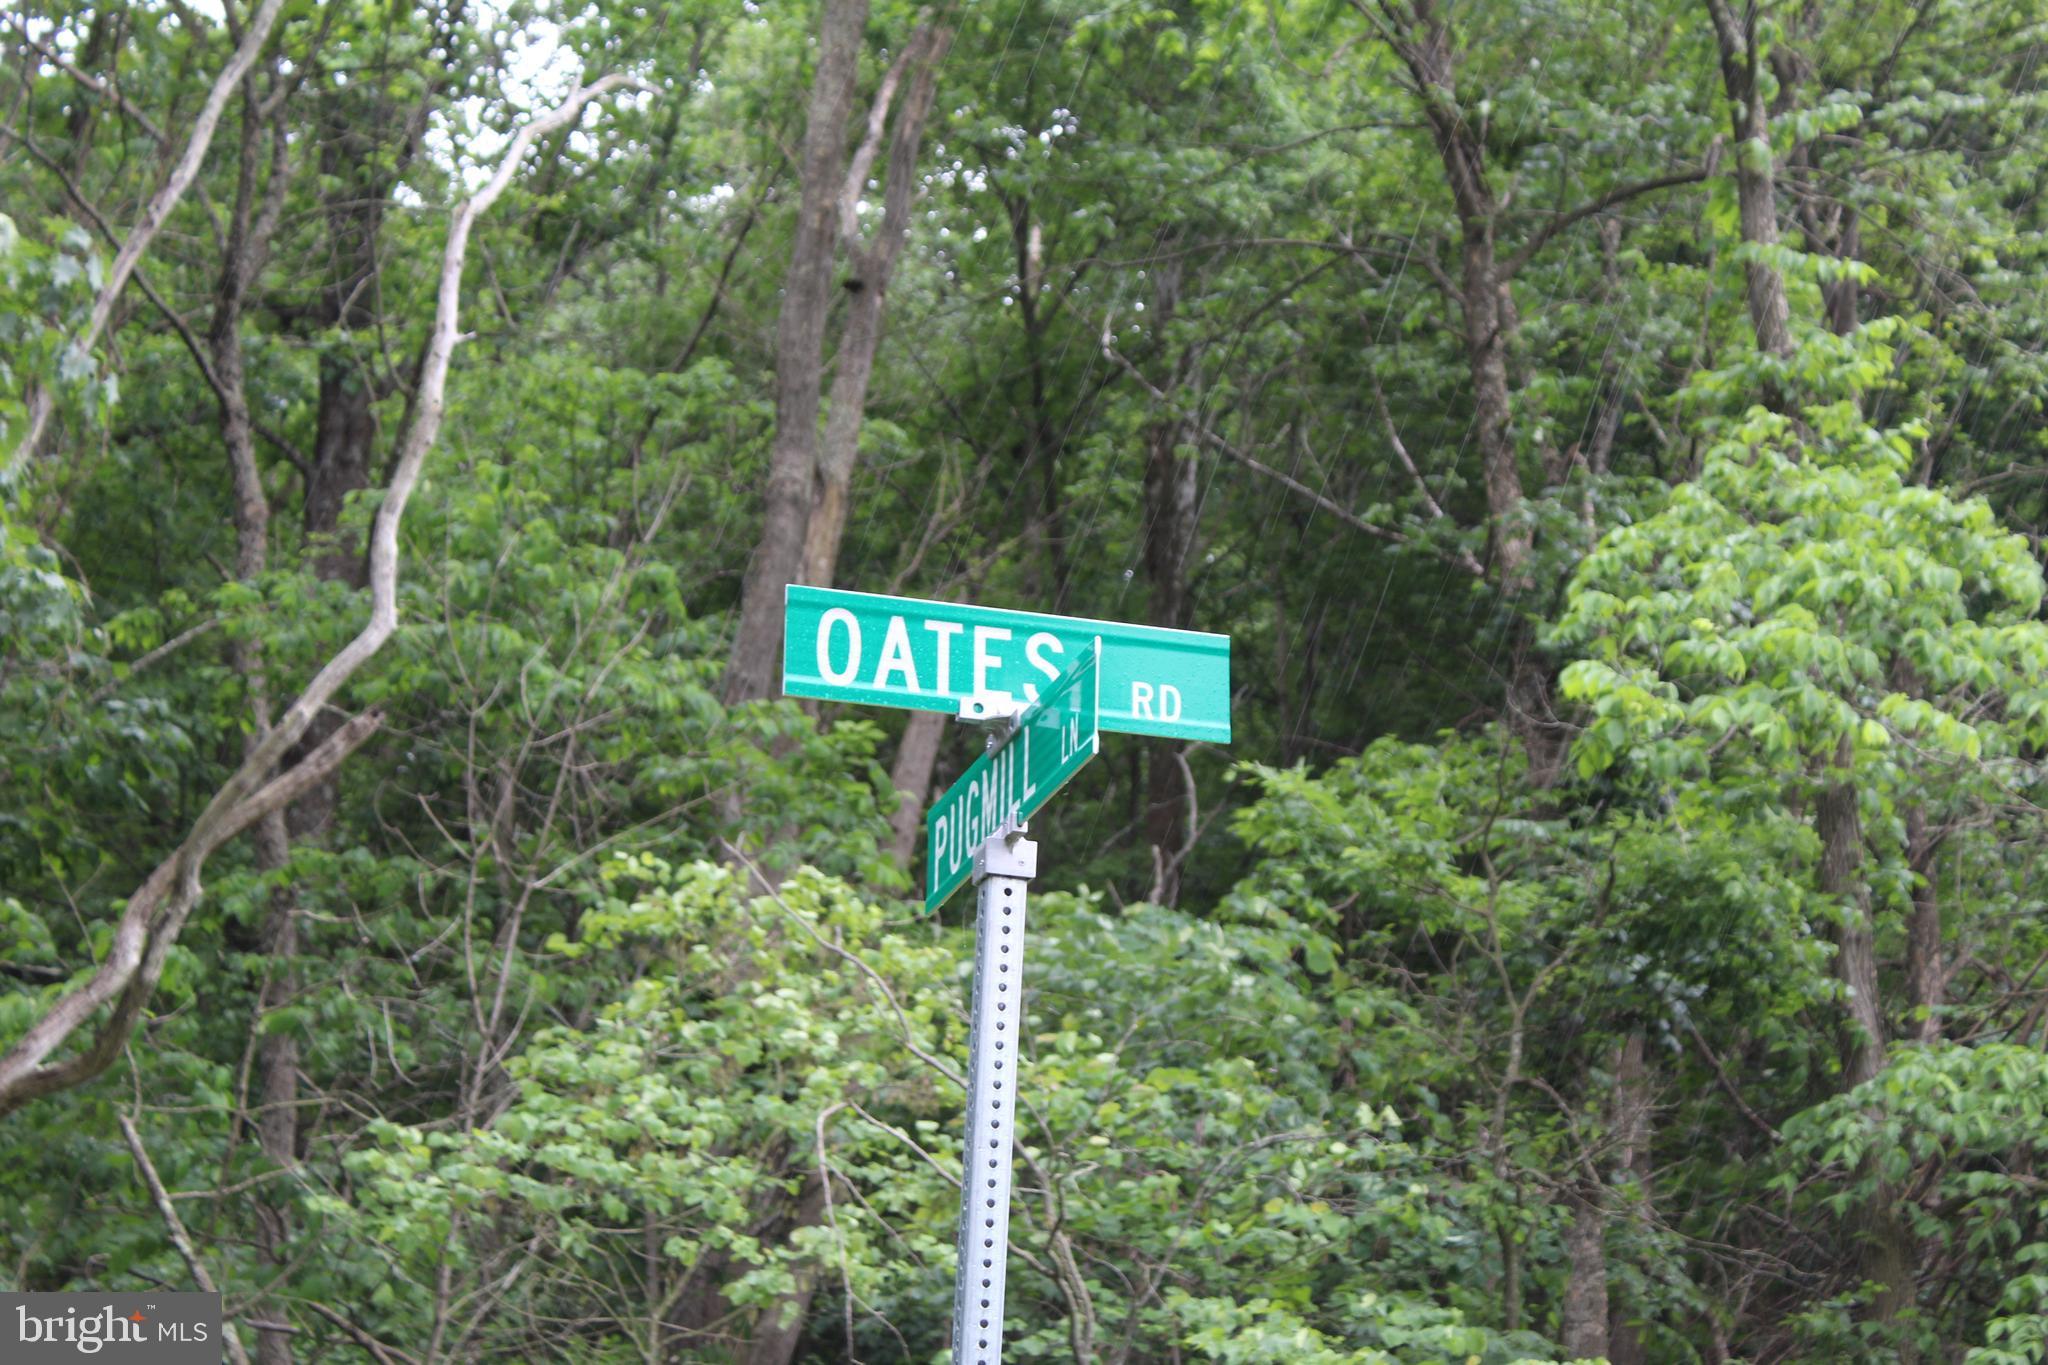 493 OATES ROAD, STAR TANNERY, VA 22654